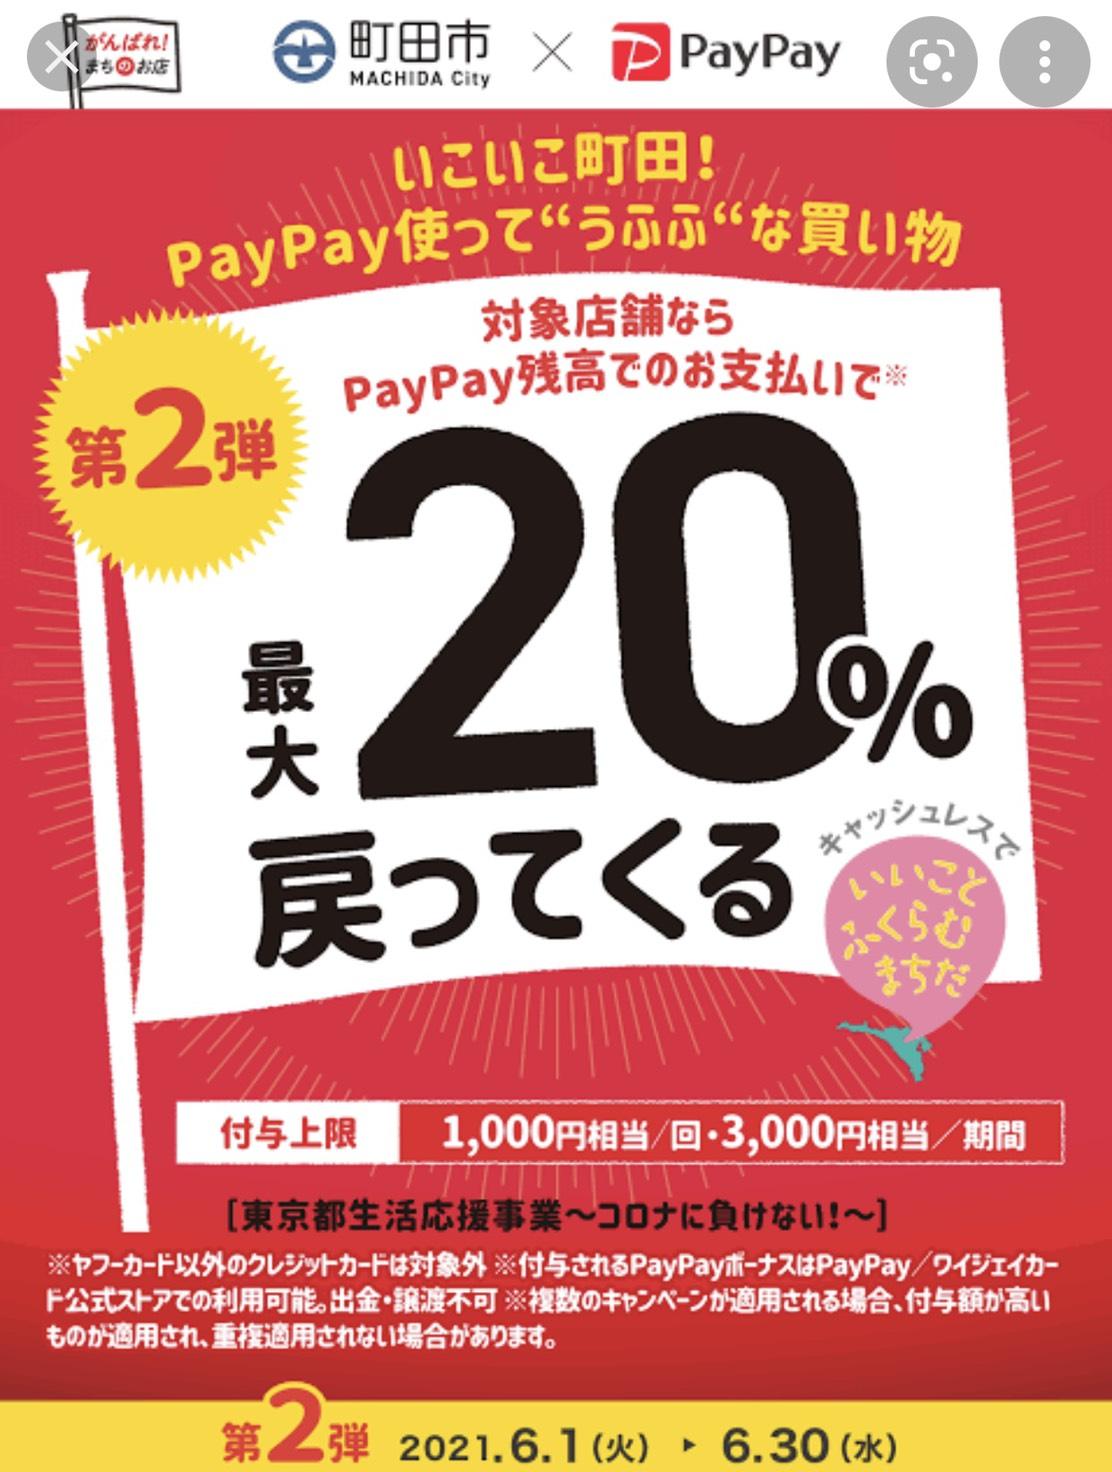 町田市 PayPay で最大20%還元!!